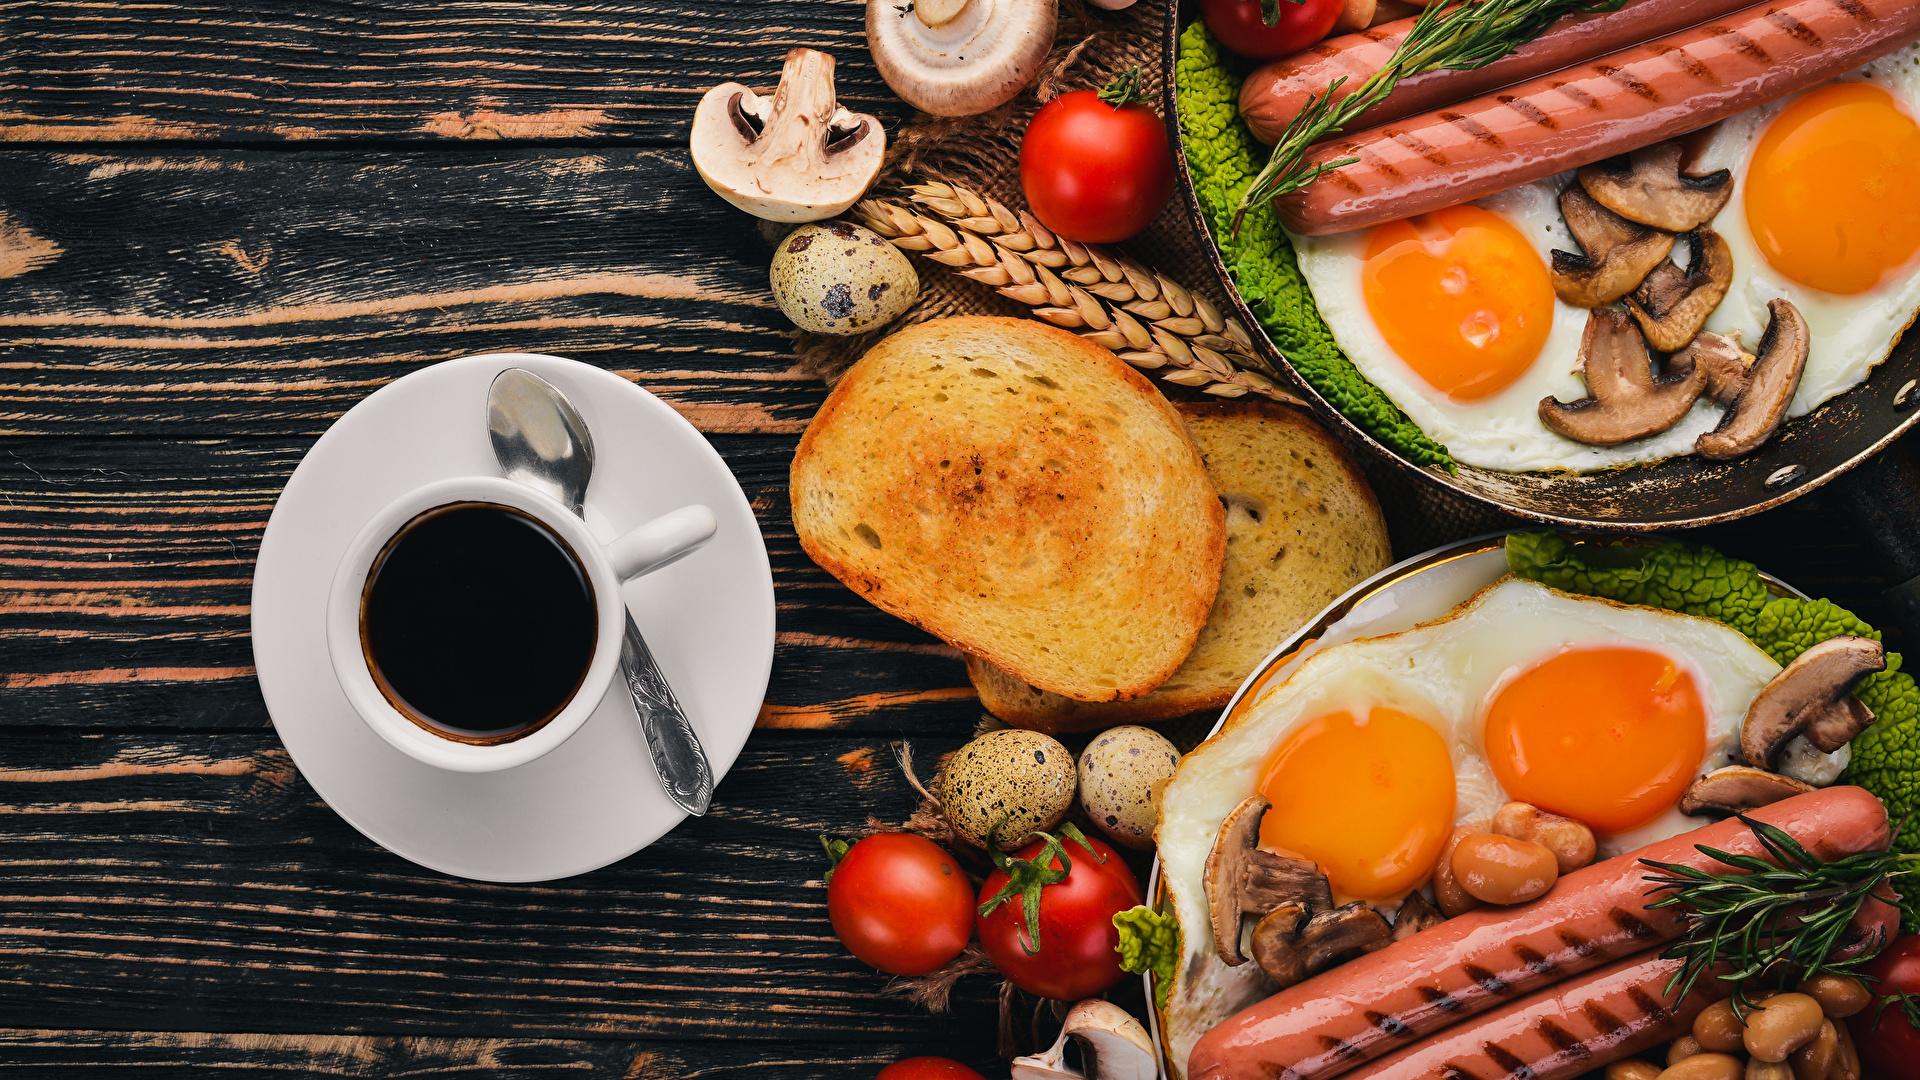 Обои для рабочего стола яйцами Яичница Кофе Завтрак Помидоры Хлеб Грибы Сосиска Еда Чашка 1920x1080 яиц яйцо Яйца яичницы глазунья Томаты Пища чашке Продукты питания